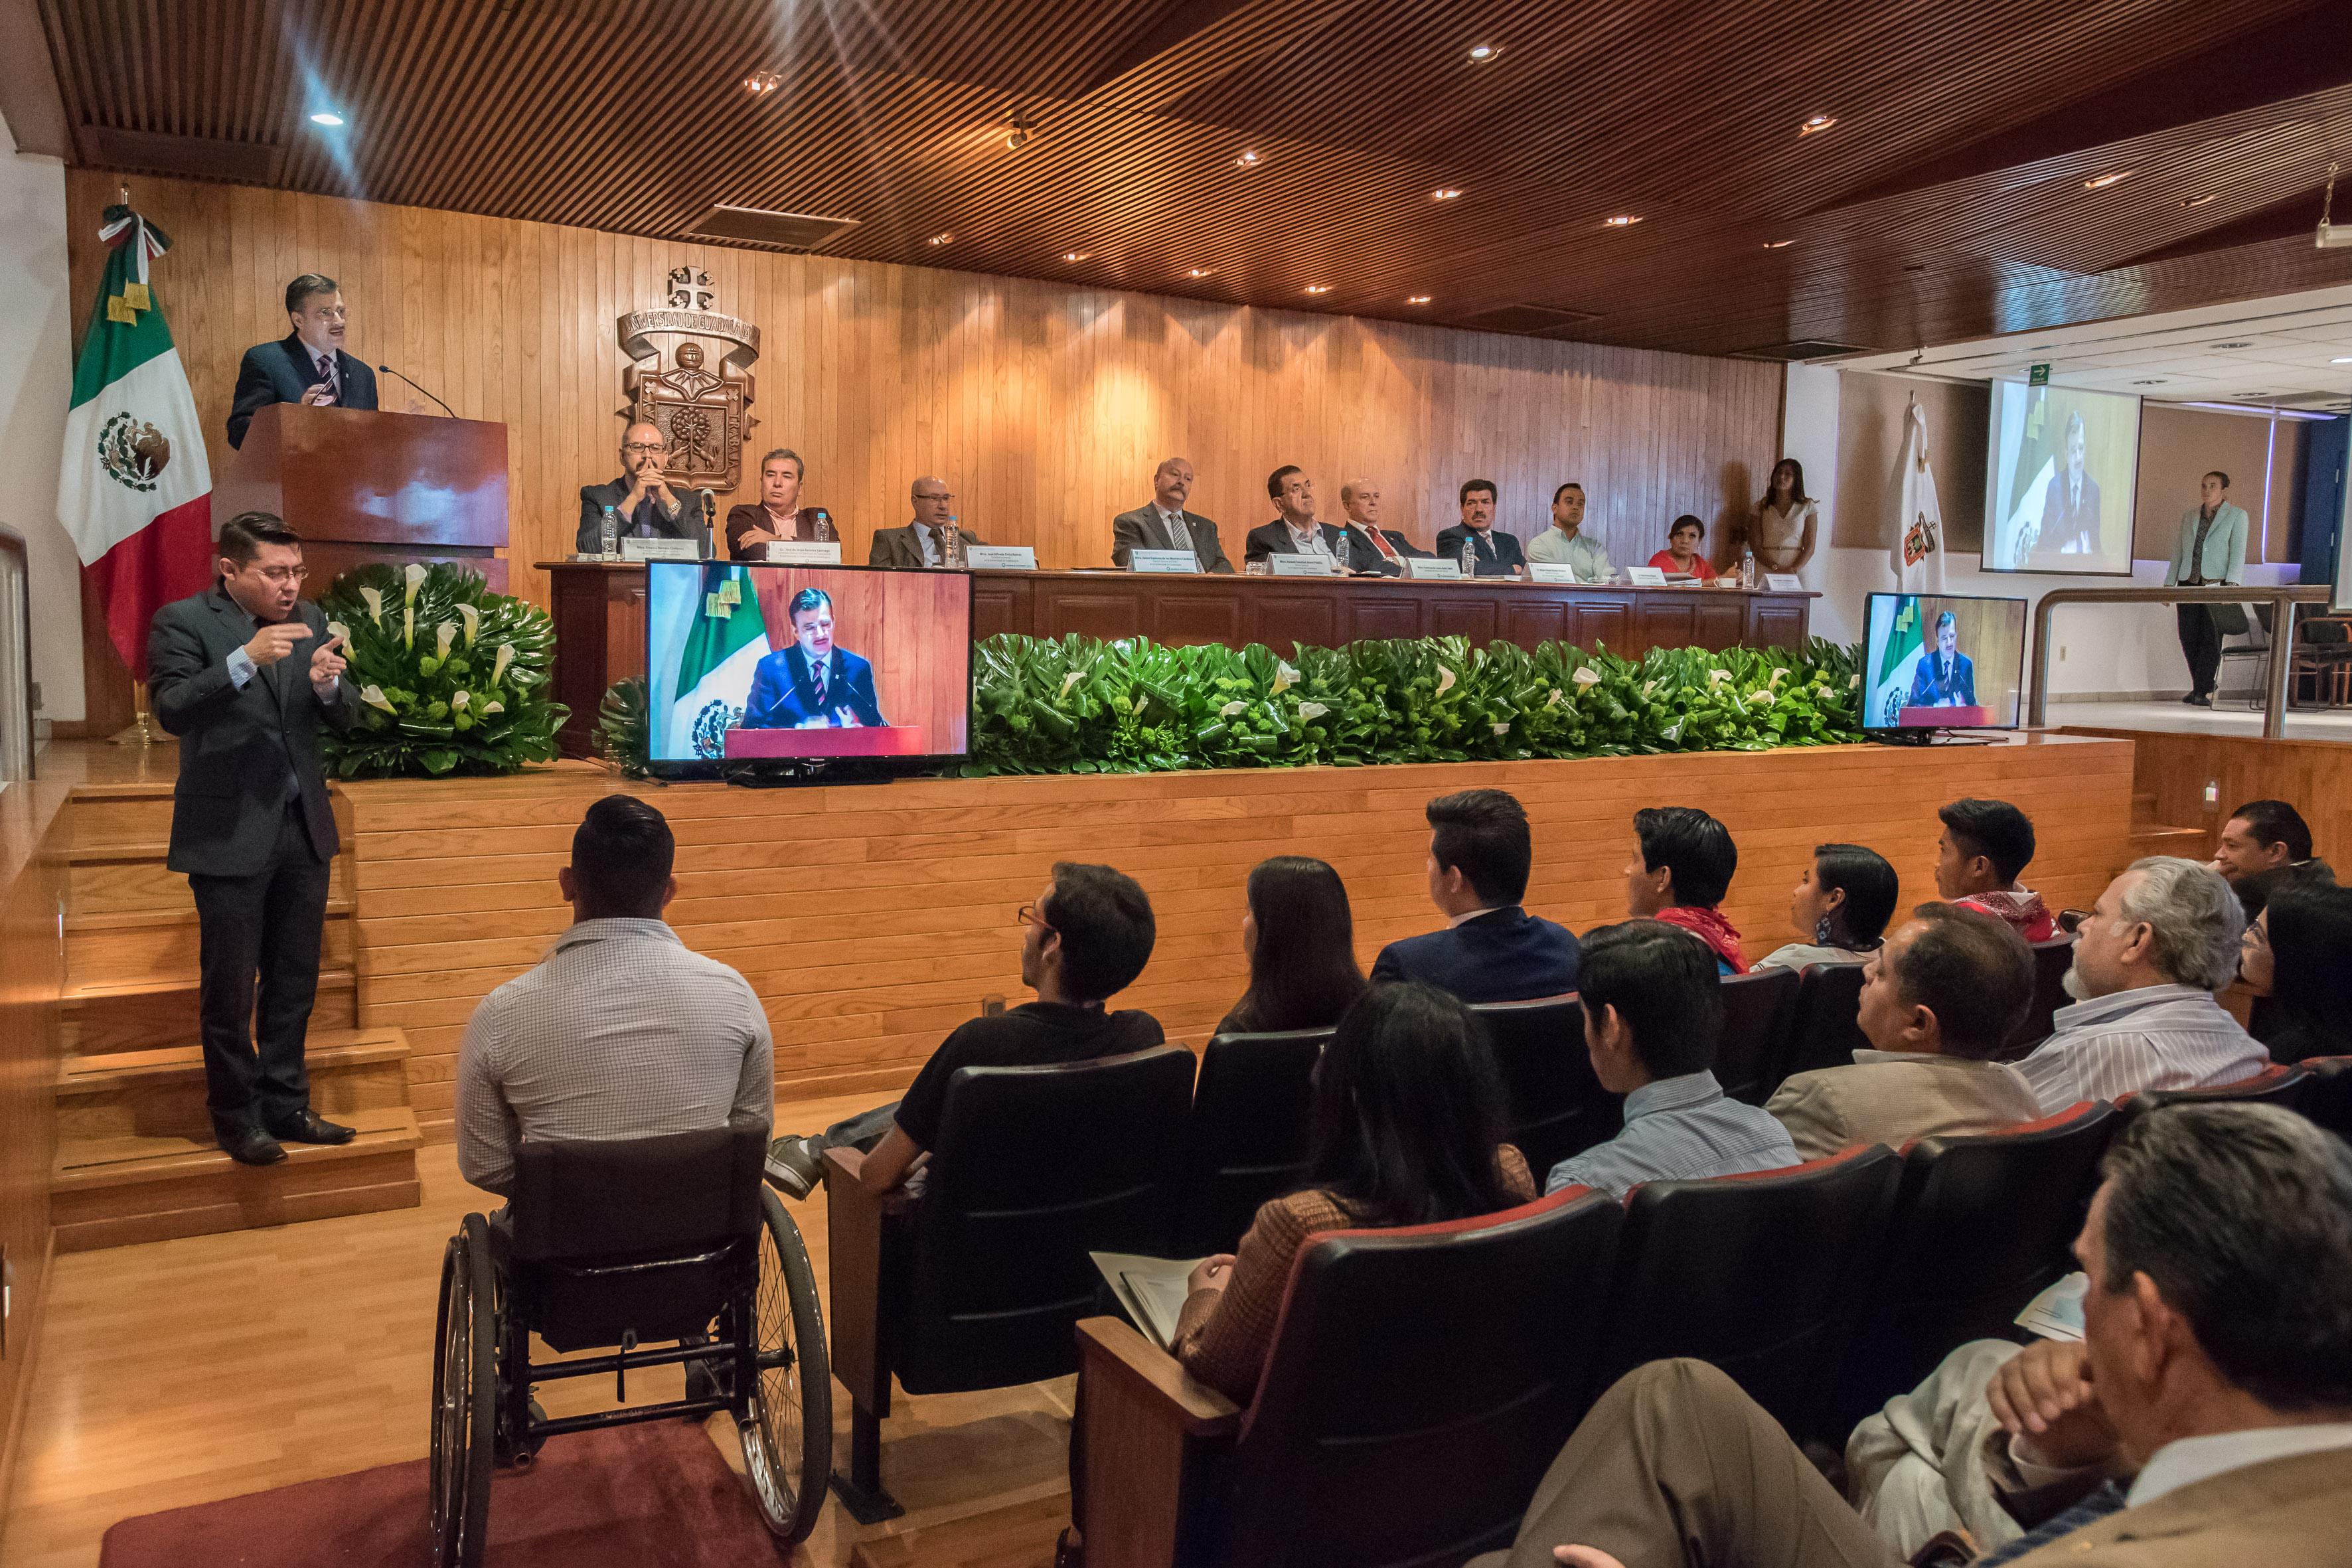 Rector General de la UdeG, maestro Itzcóatl Tonatiuh Bravo Padilla hablando frente al micrófono